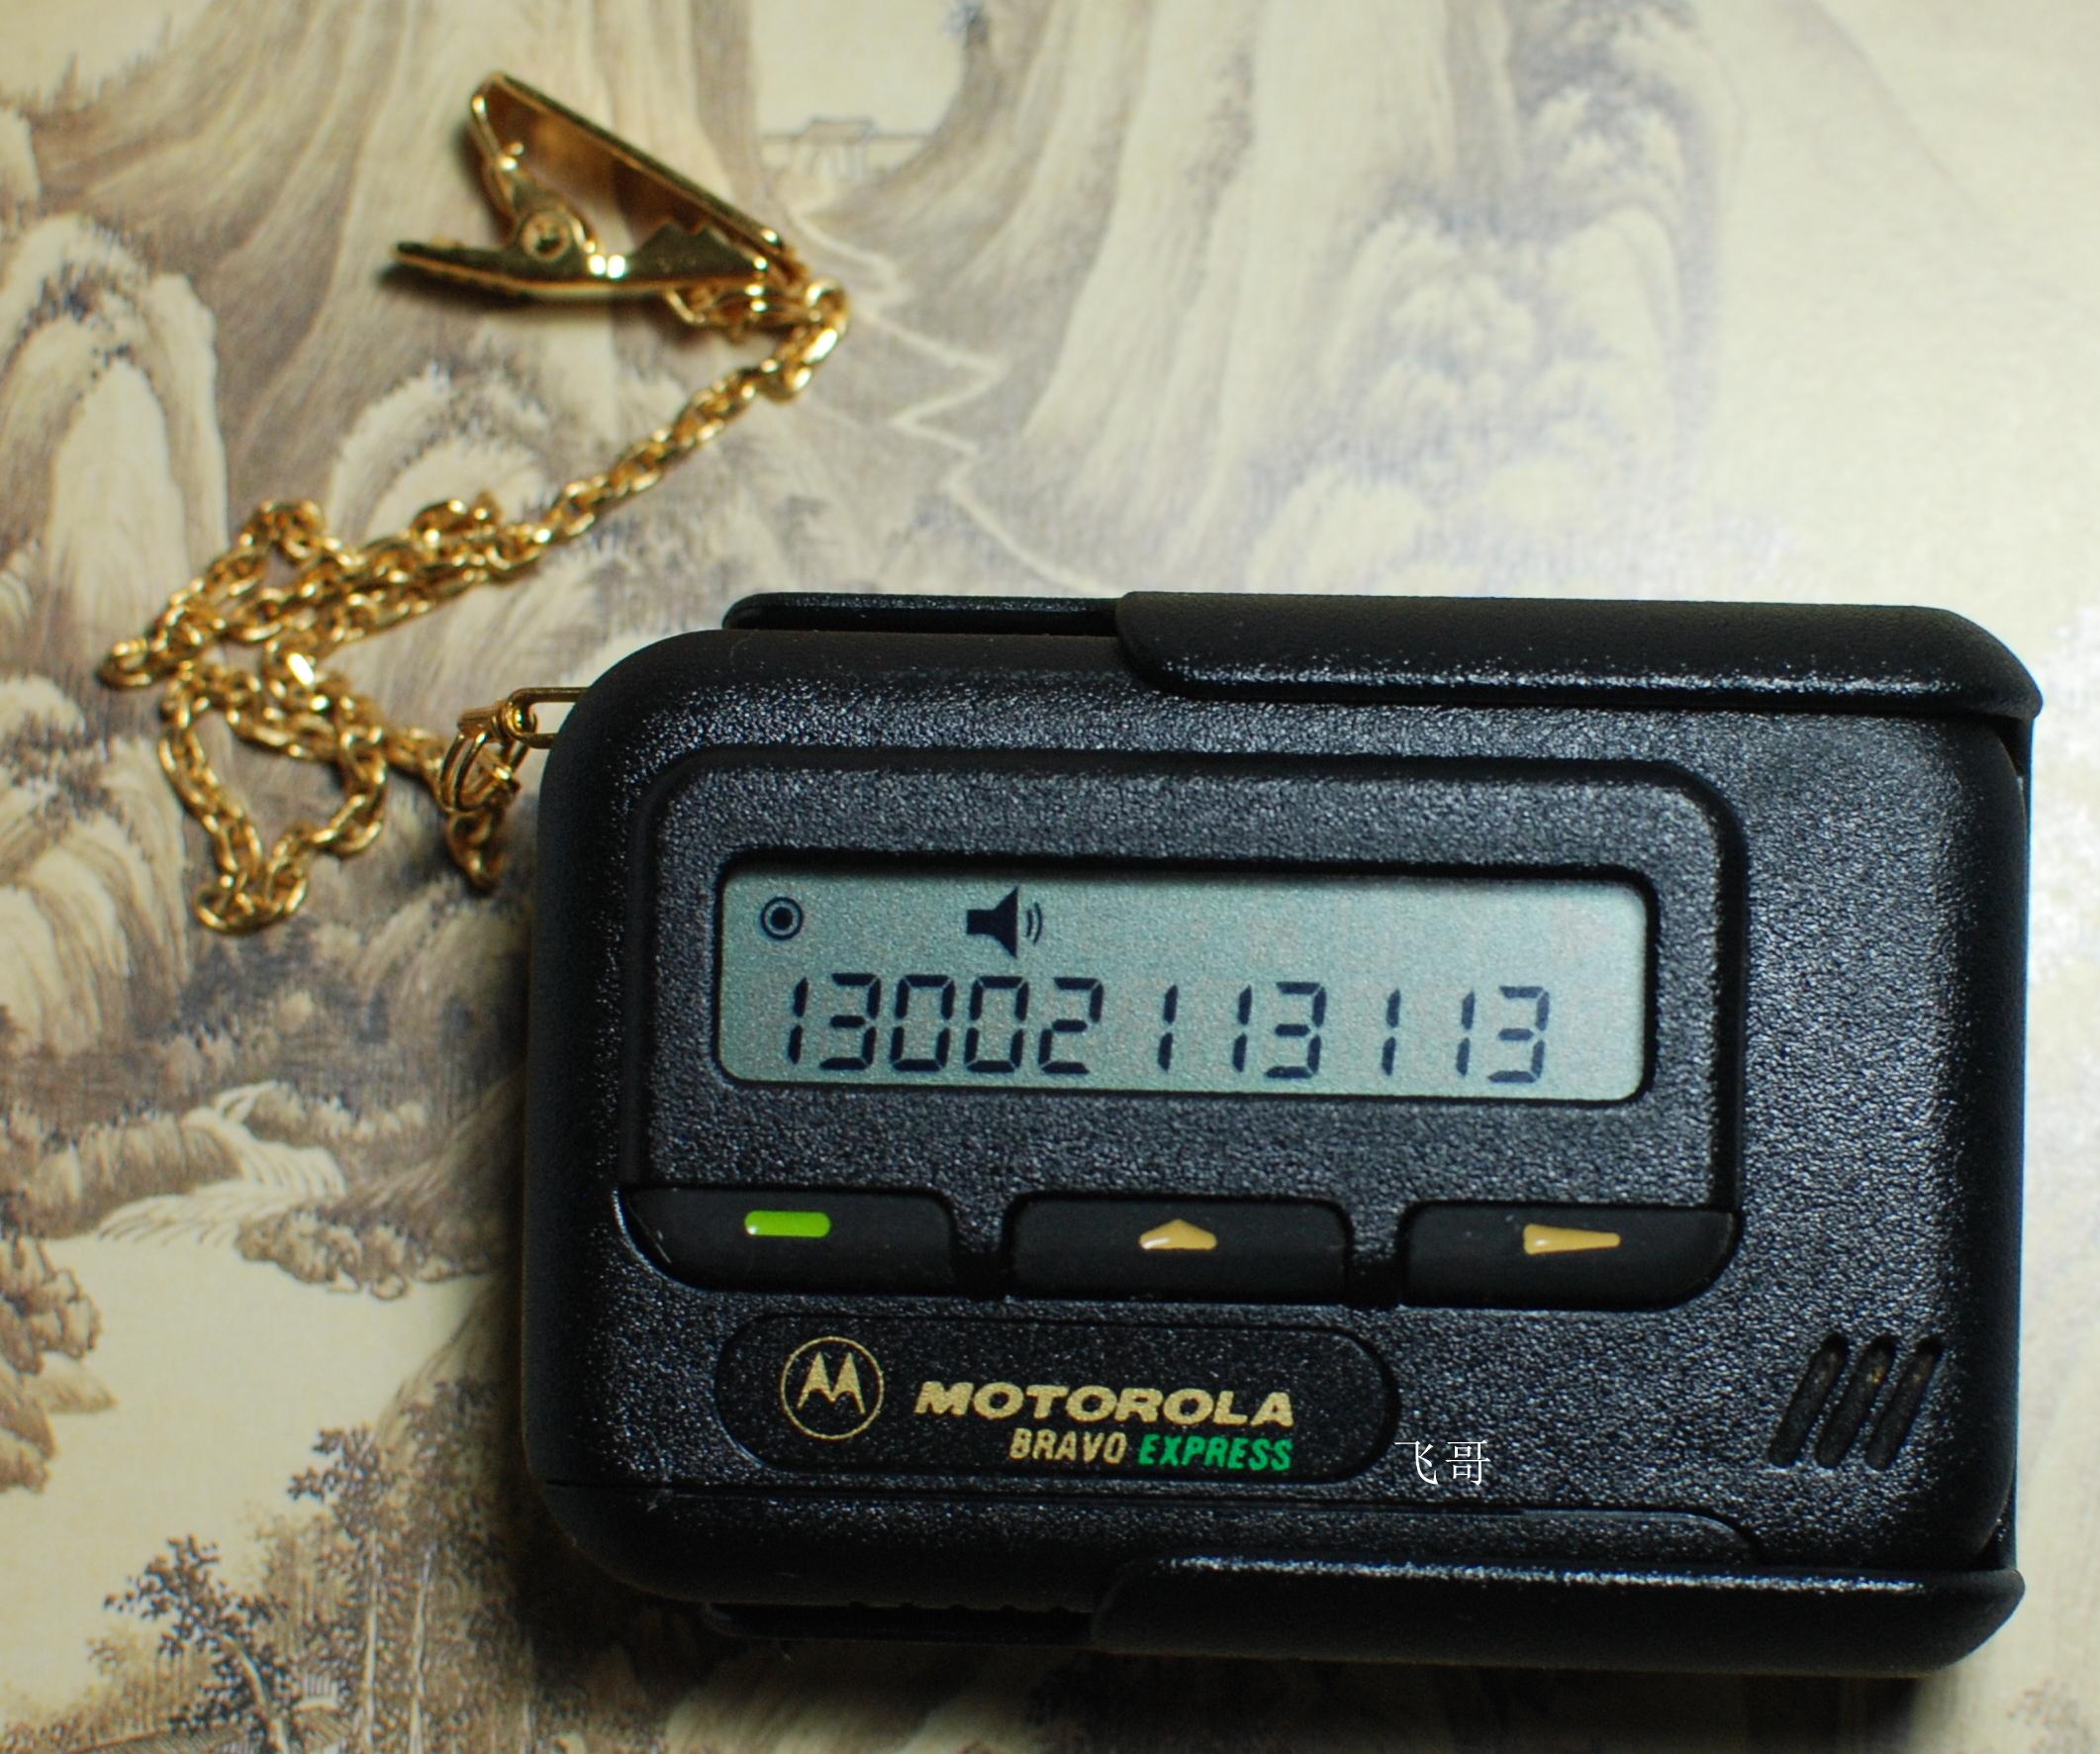 В оригинальной упаковке полностью новый Motorola Pocket Pager Fire Phoenix BB Machine BP полностью новый